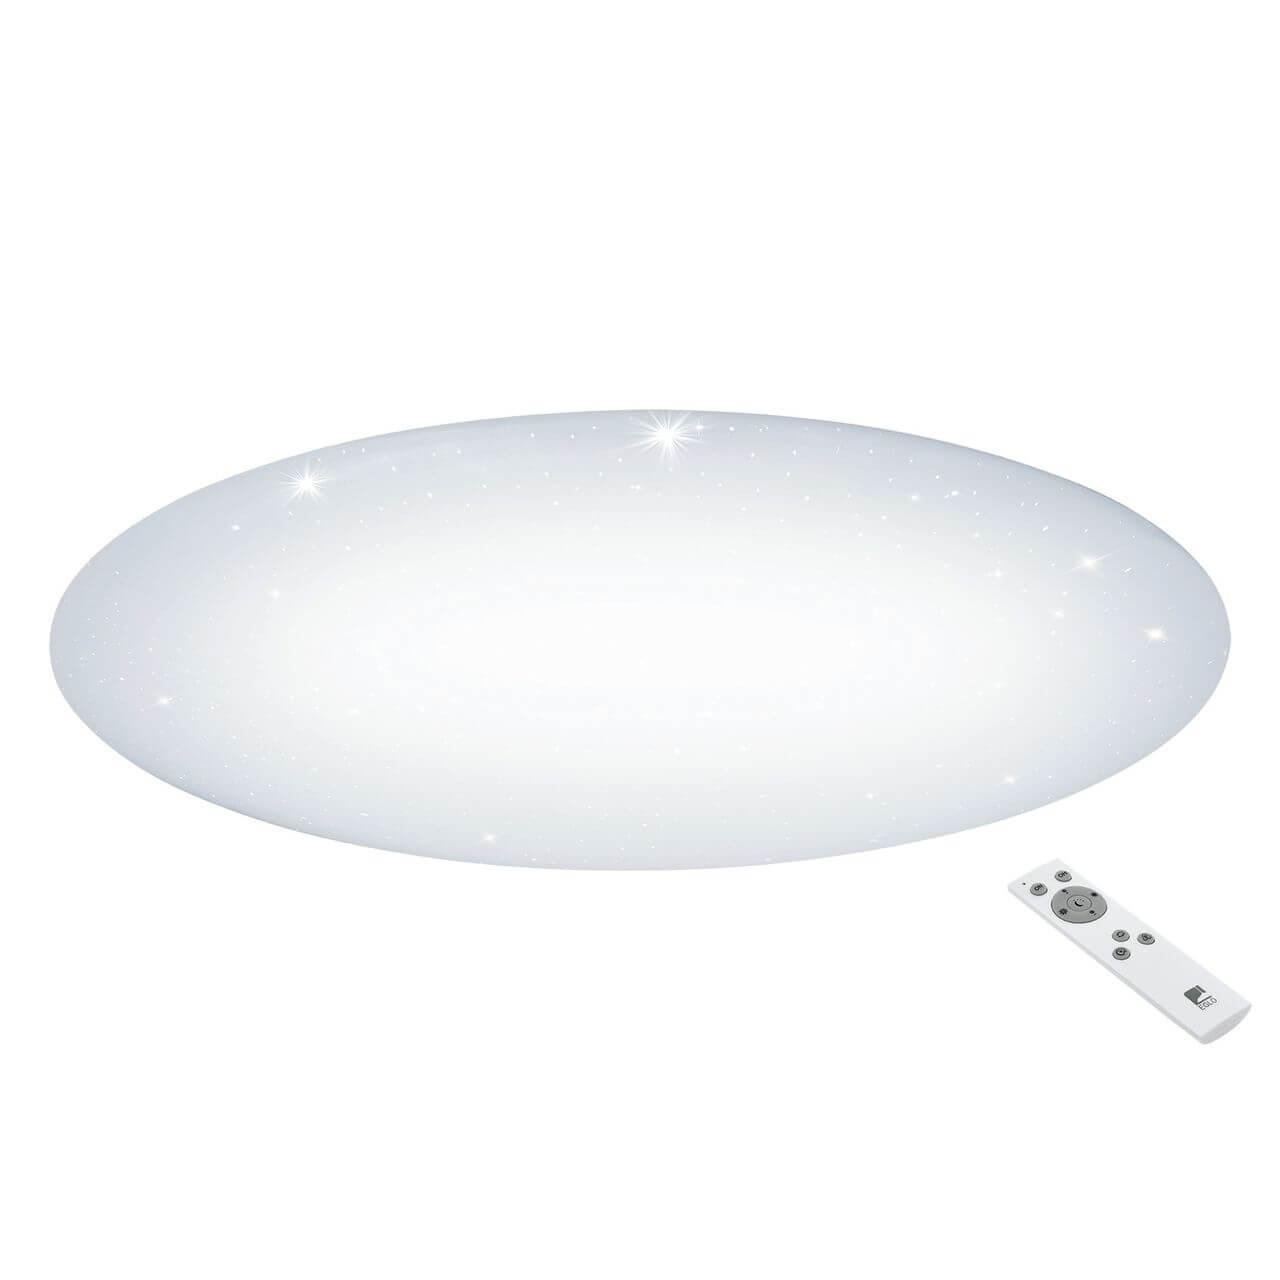 Потолочный светильник Eglo 97542, LED, 60 Вт потолочный светодиодный светильник eglo giron c 32589